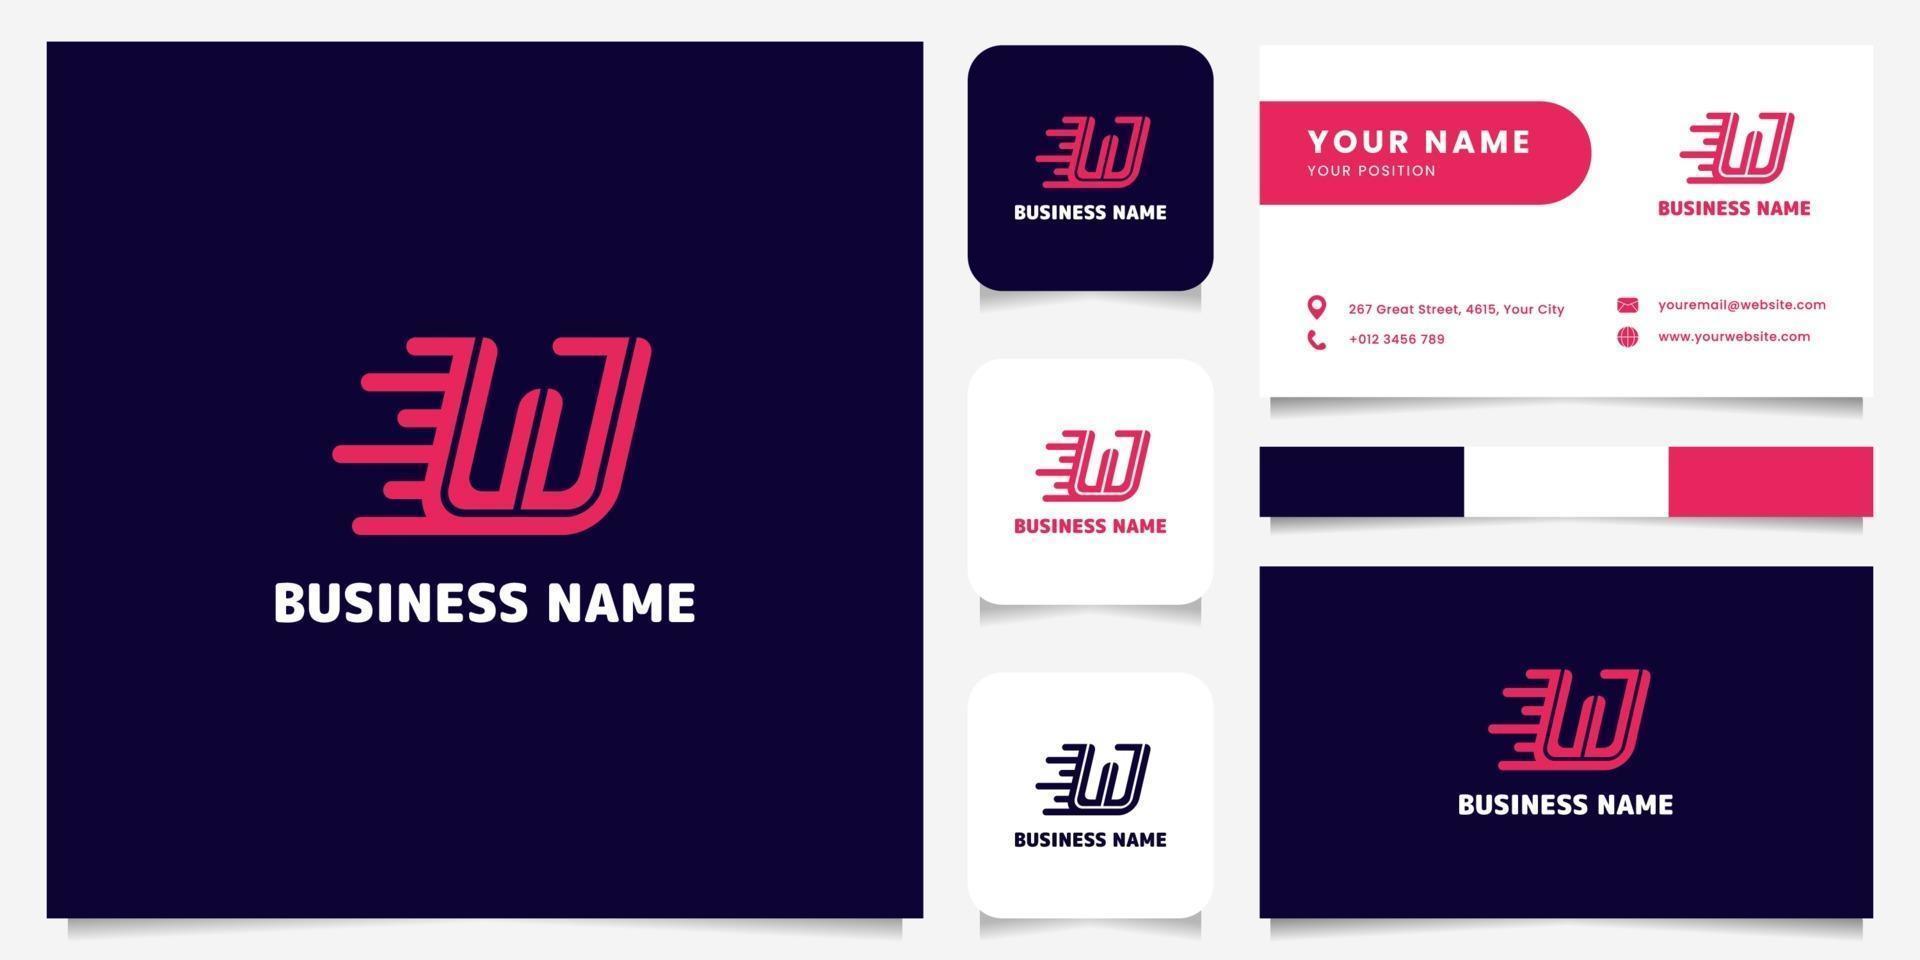 logo di velocità lettera w rosa brillante semplice e minimalista nel logo di sfondo scuro con modello di biglietto da visita vettore